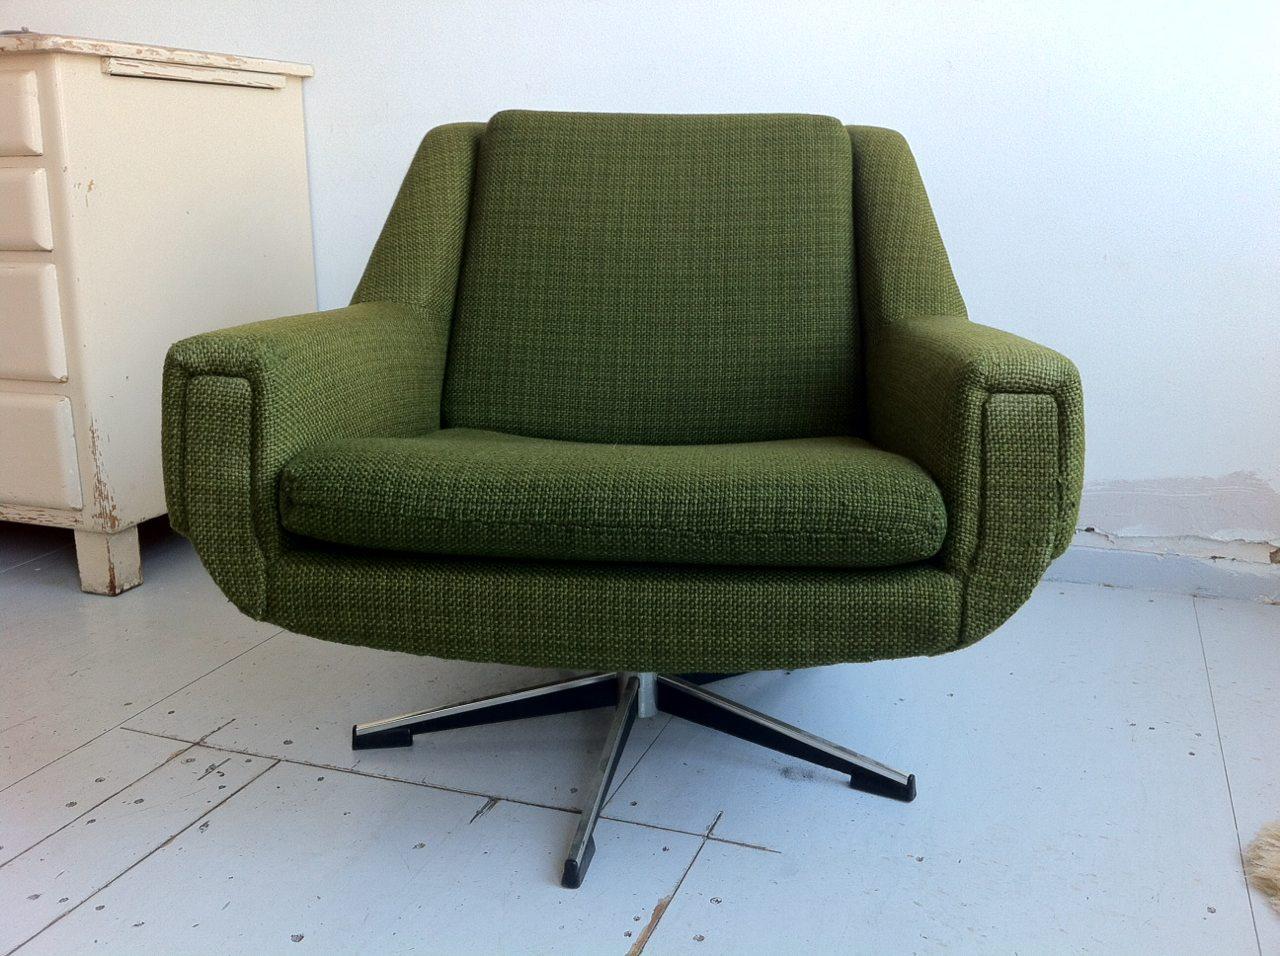 Vintage fauteuil draaistoel groene stof met sterpoot for Fauteuil groen